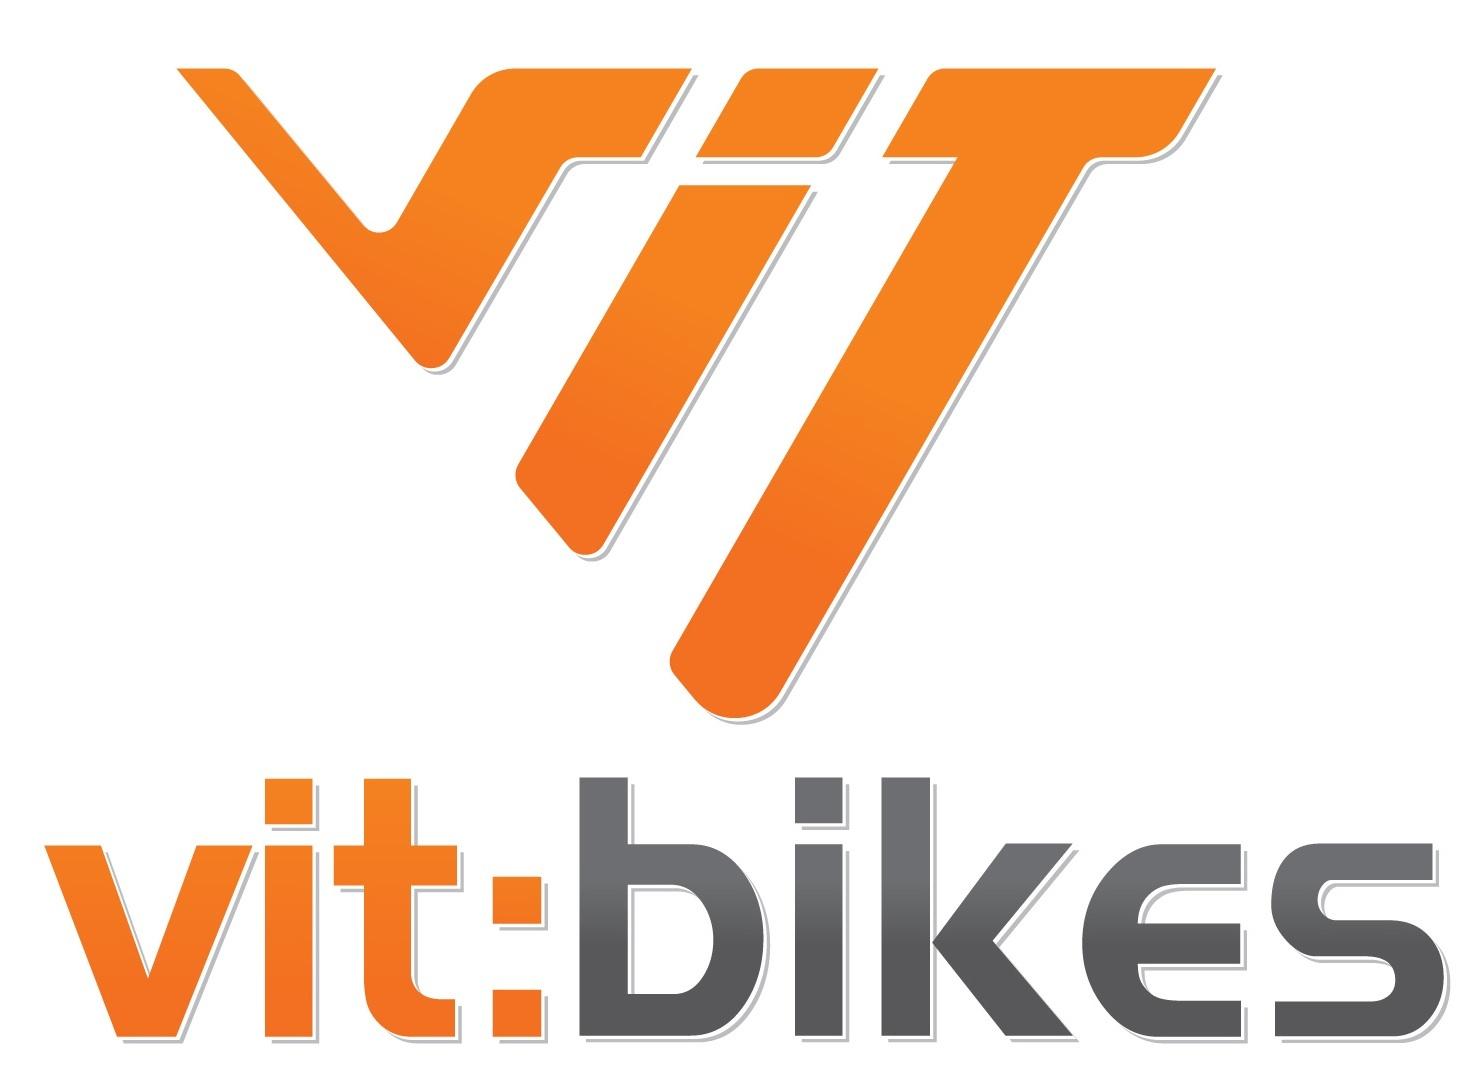 Vit:bikesTV